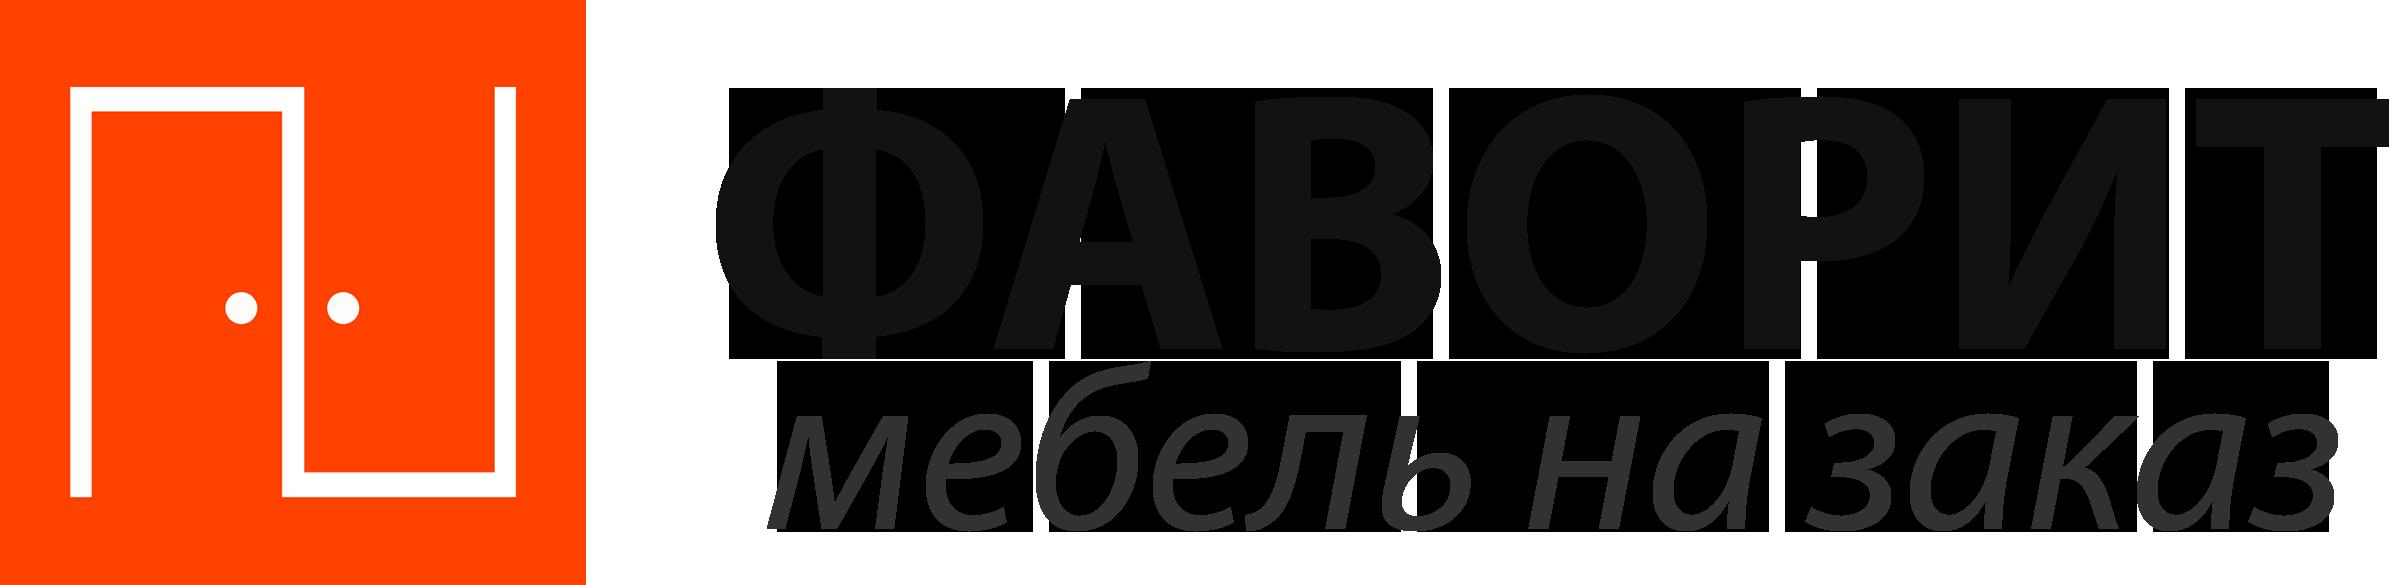 Фаворит - качественная мебель на заказ в Бердске, Новосибирске и области